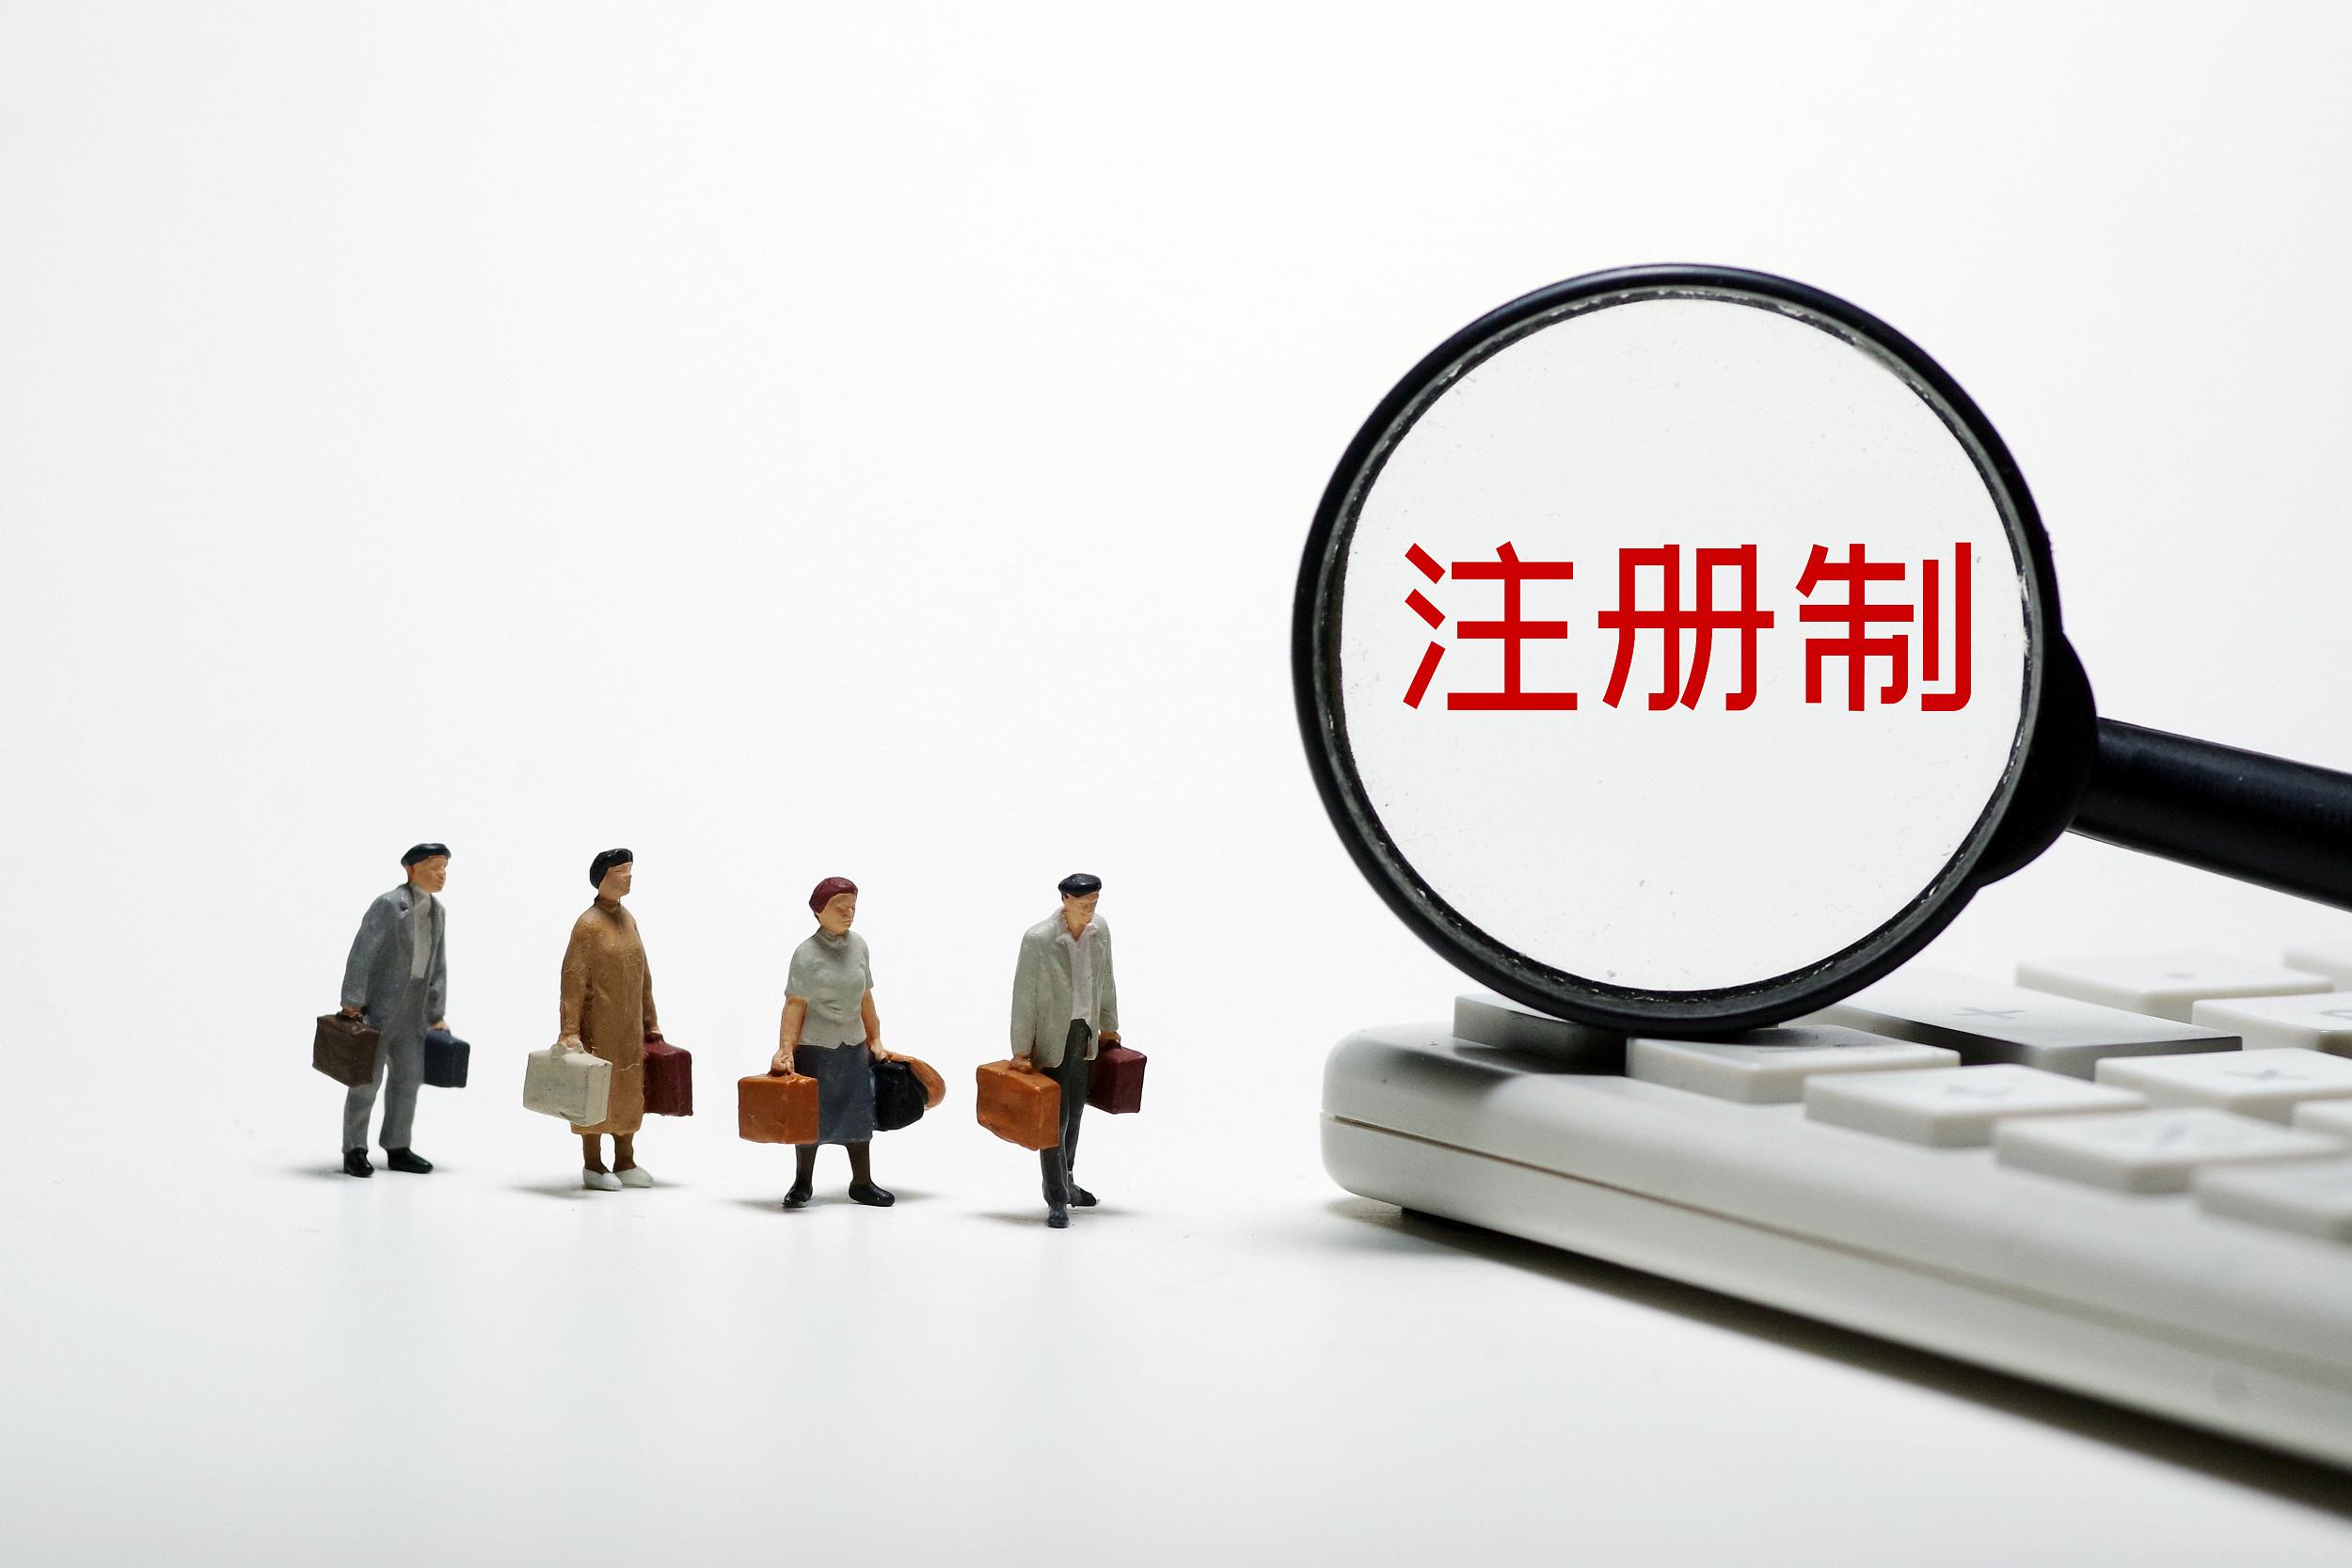 """欧亿OE代理证监会发布IPO上市辅导新规,明确""""辅导验收不是企业上市的审核程序"""""""